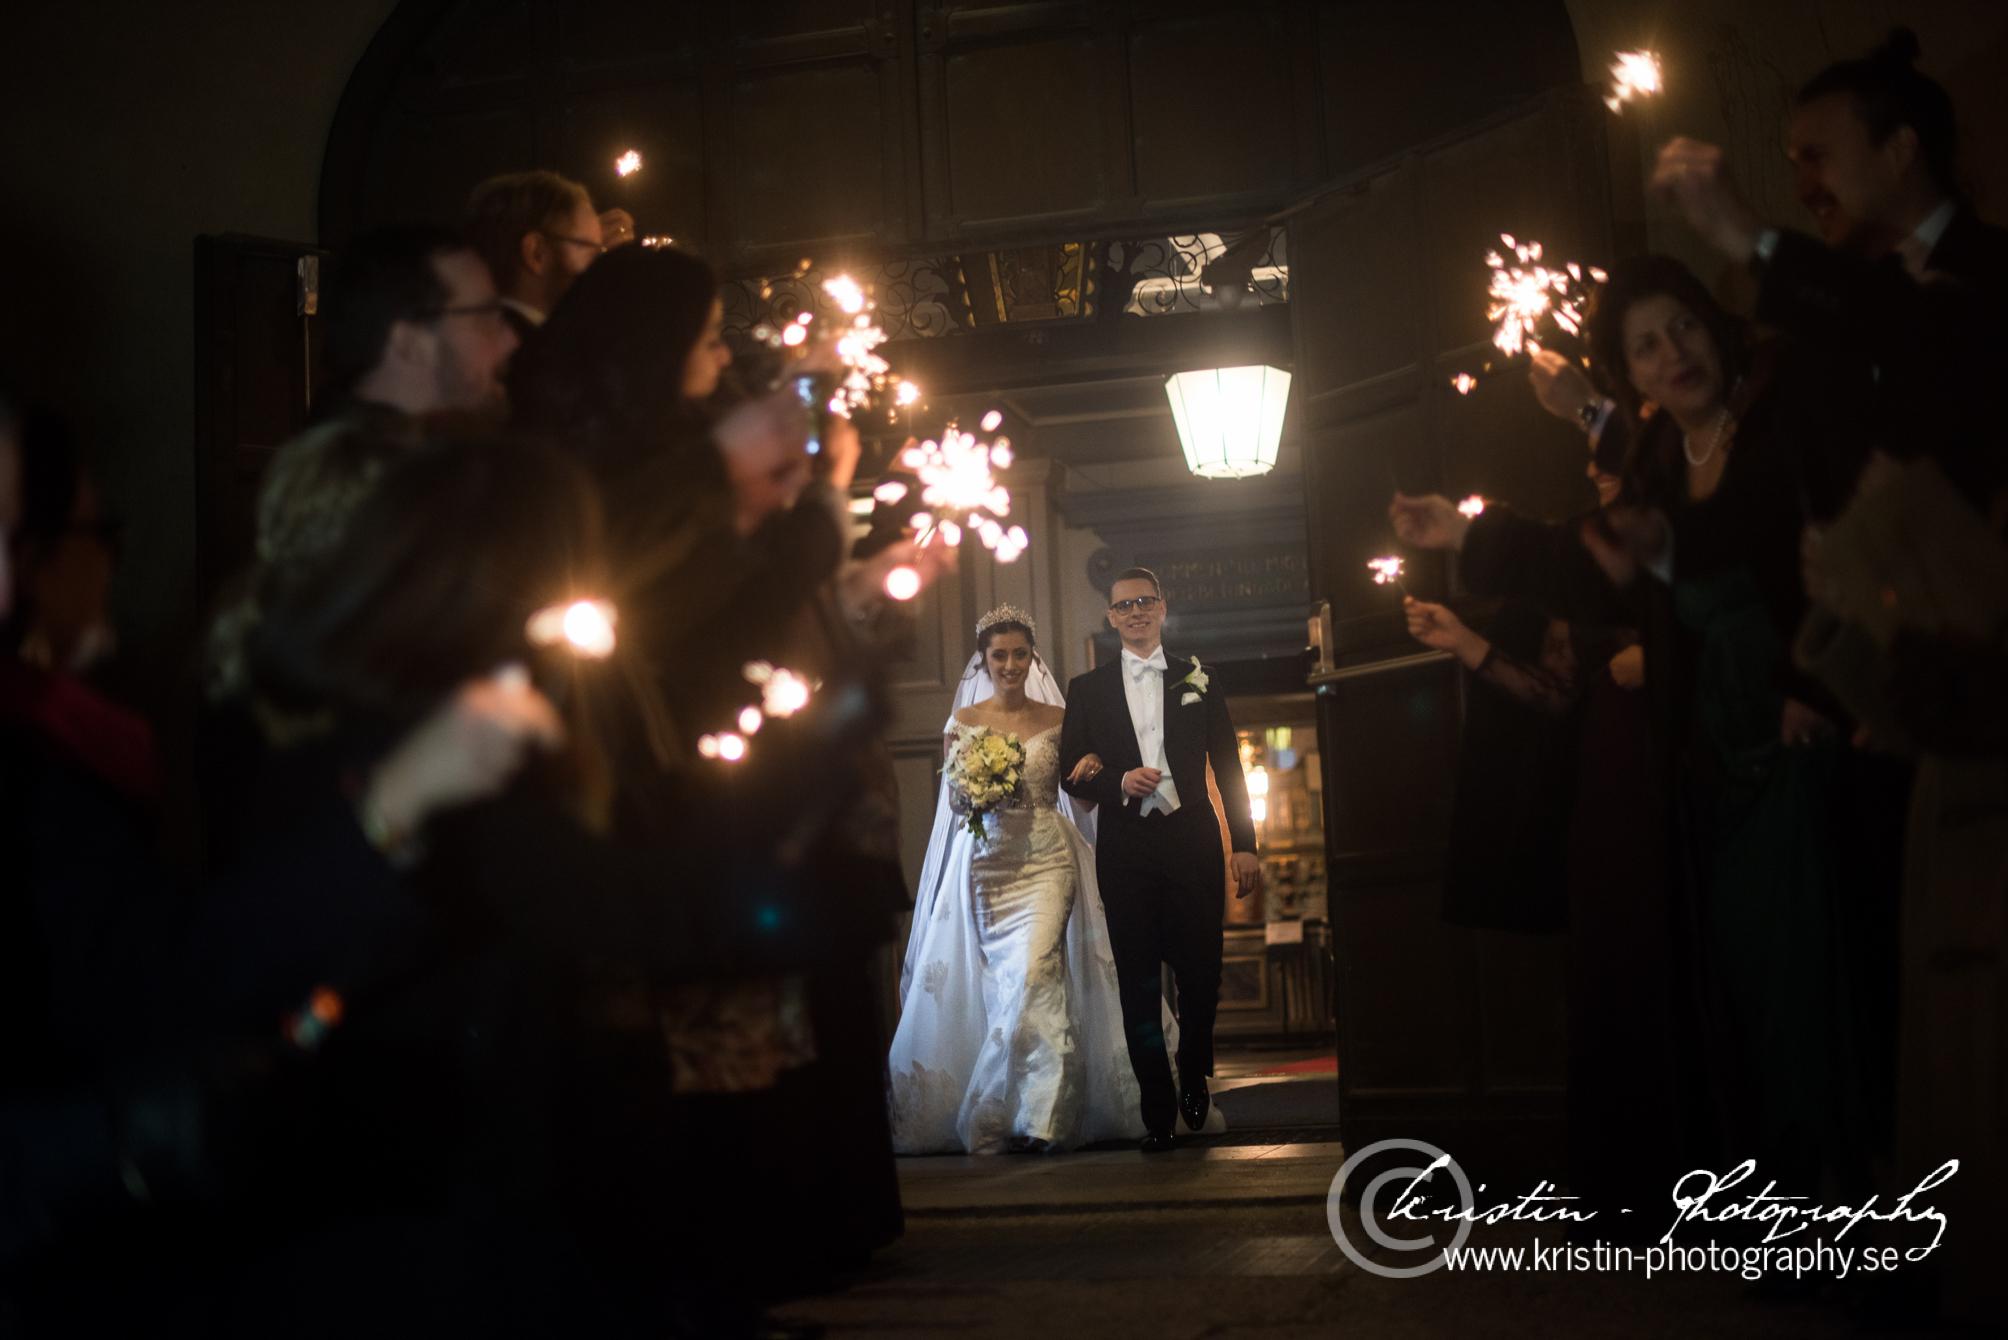 Bröllopsfotograf i Eskilstuna, Kristin - Photography-25.jpg